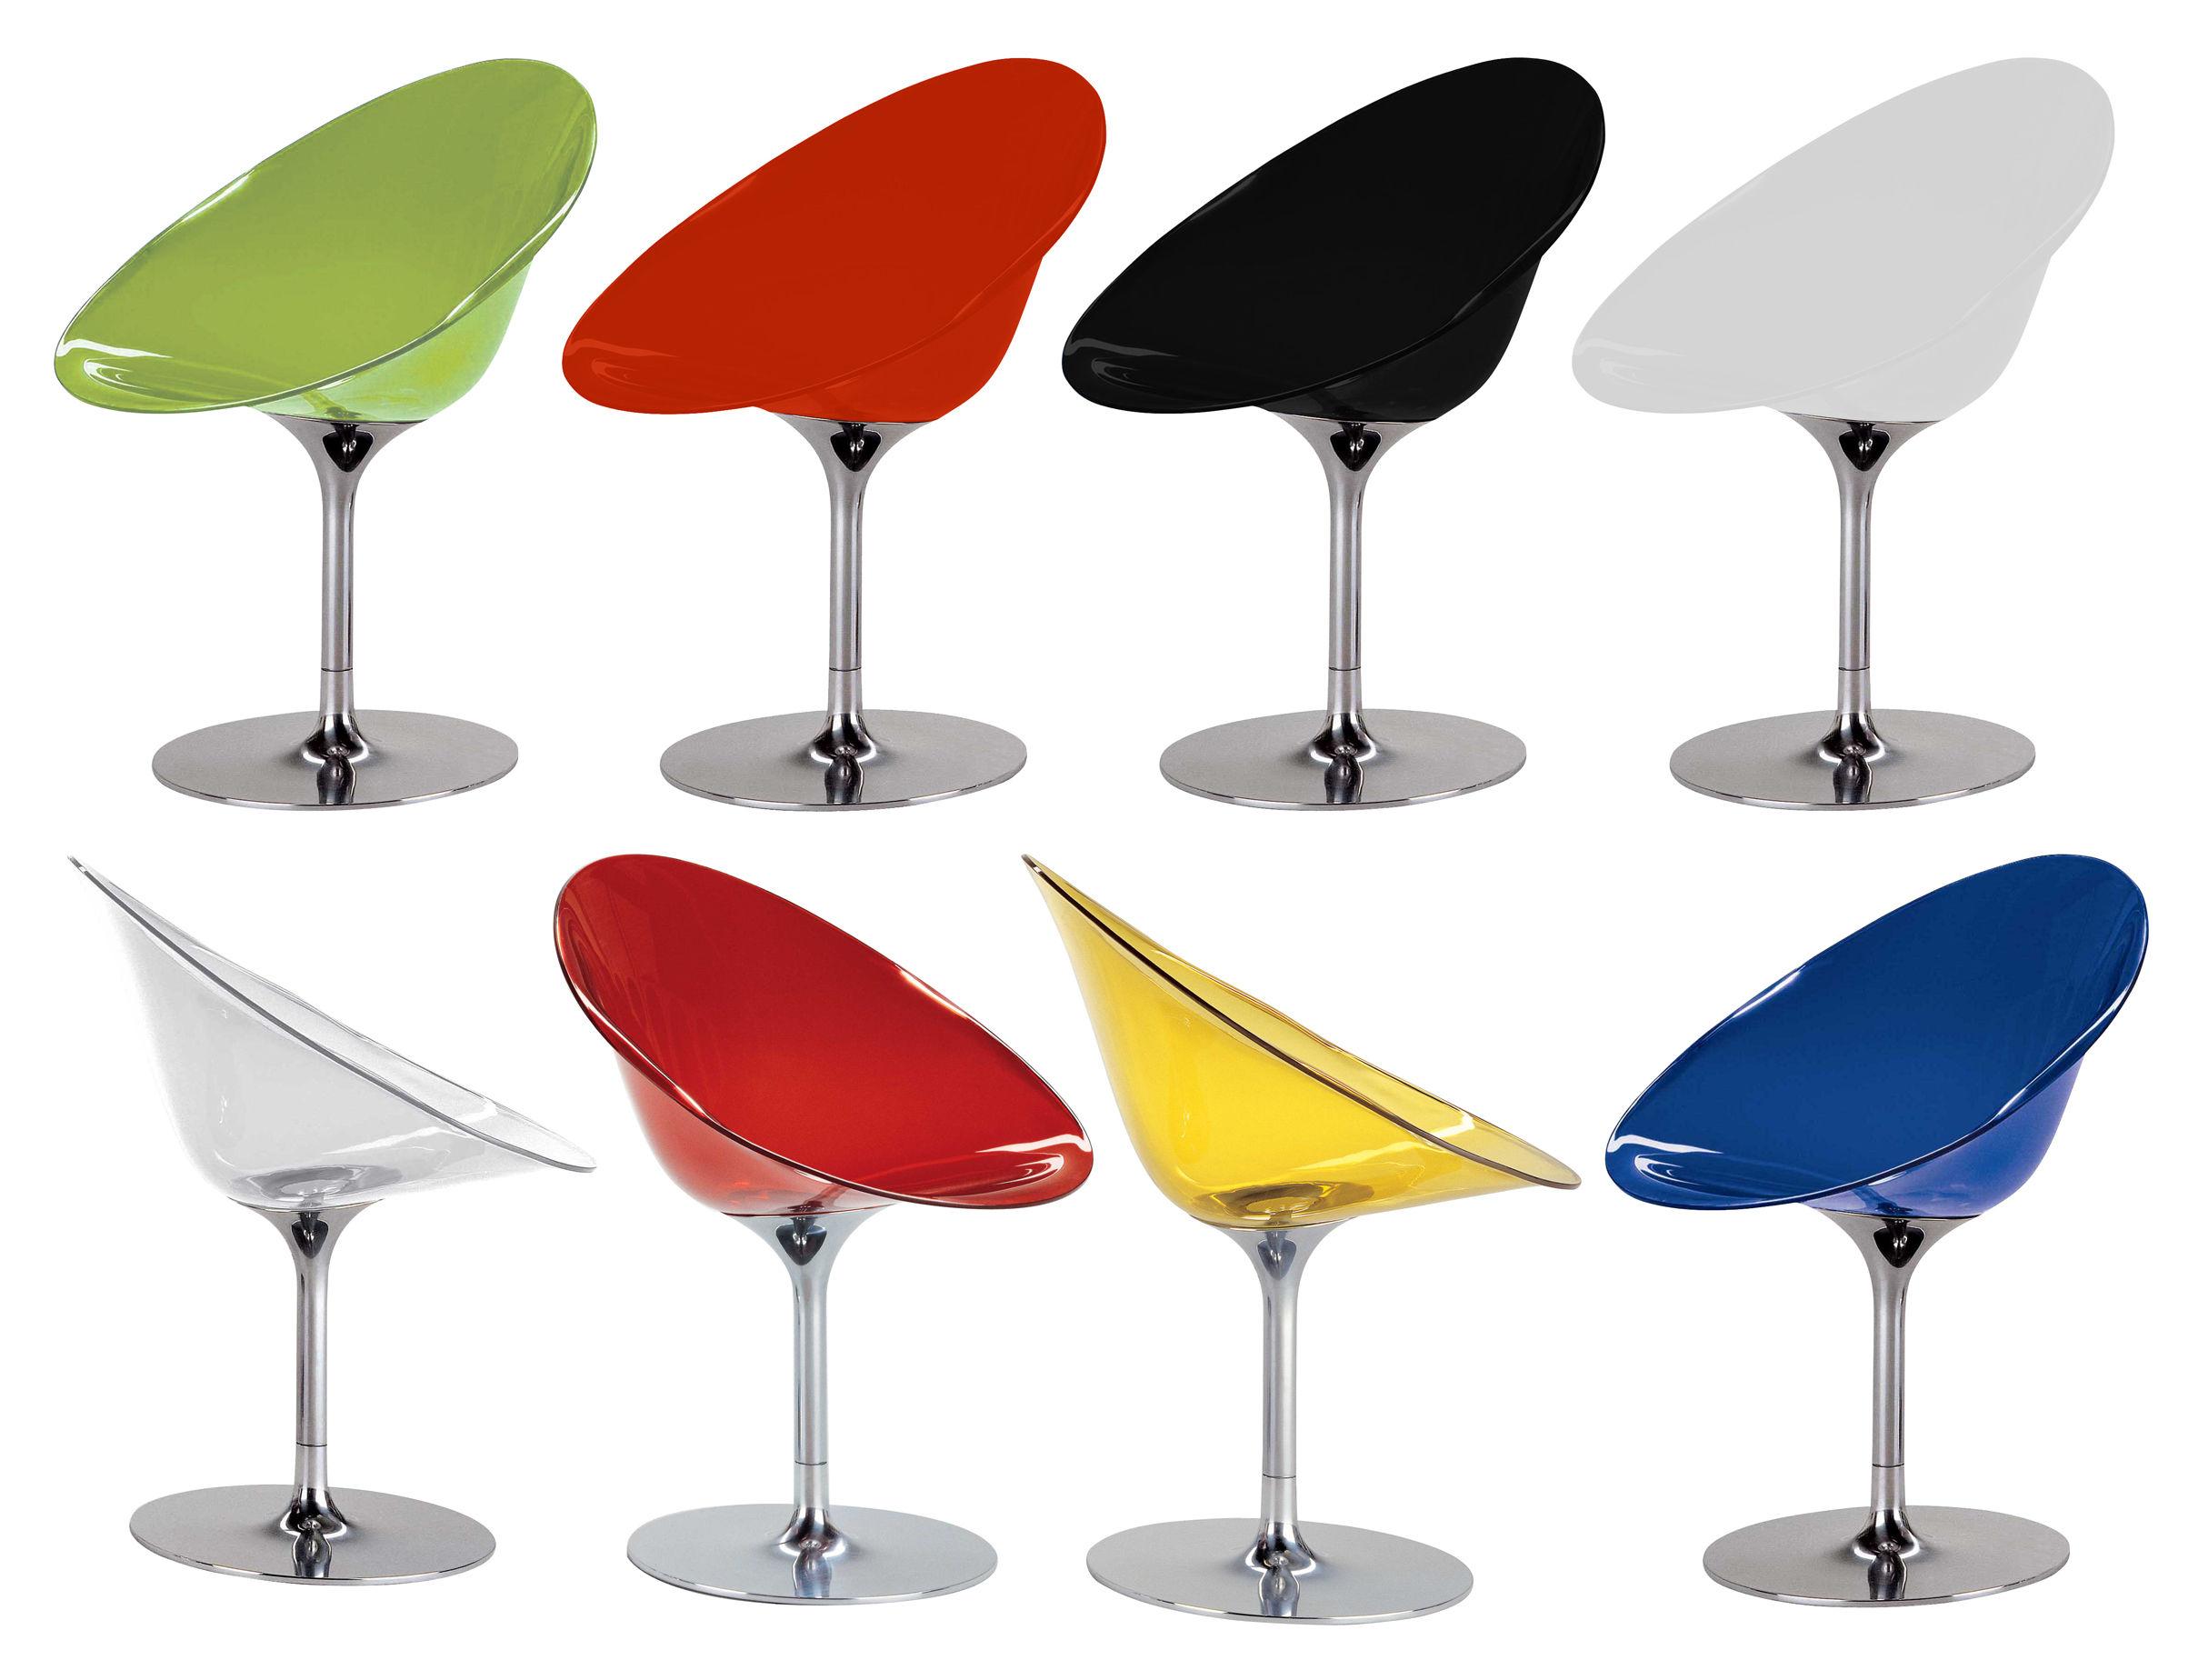 fauteuil pivotant ero s transparent polycarbonate transparent kartell. Black Bedroom Furniture Sets. Home Design Ideas